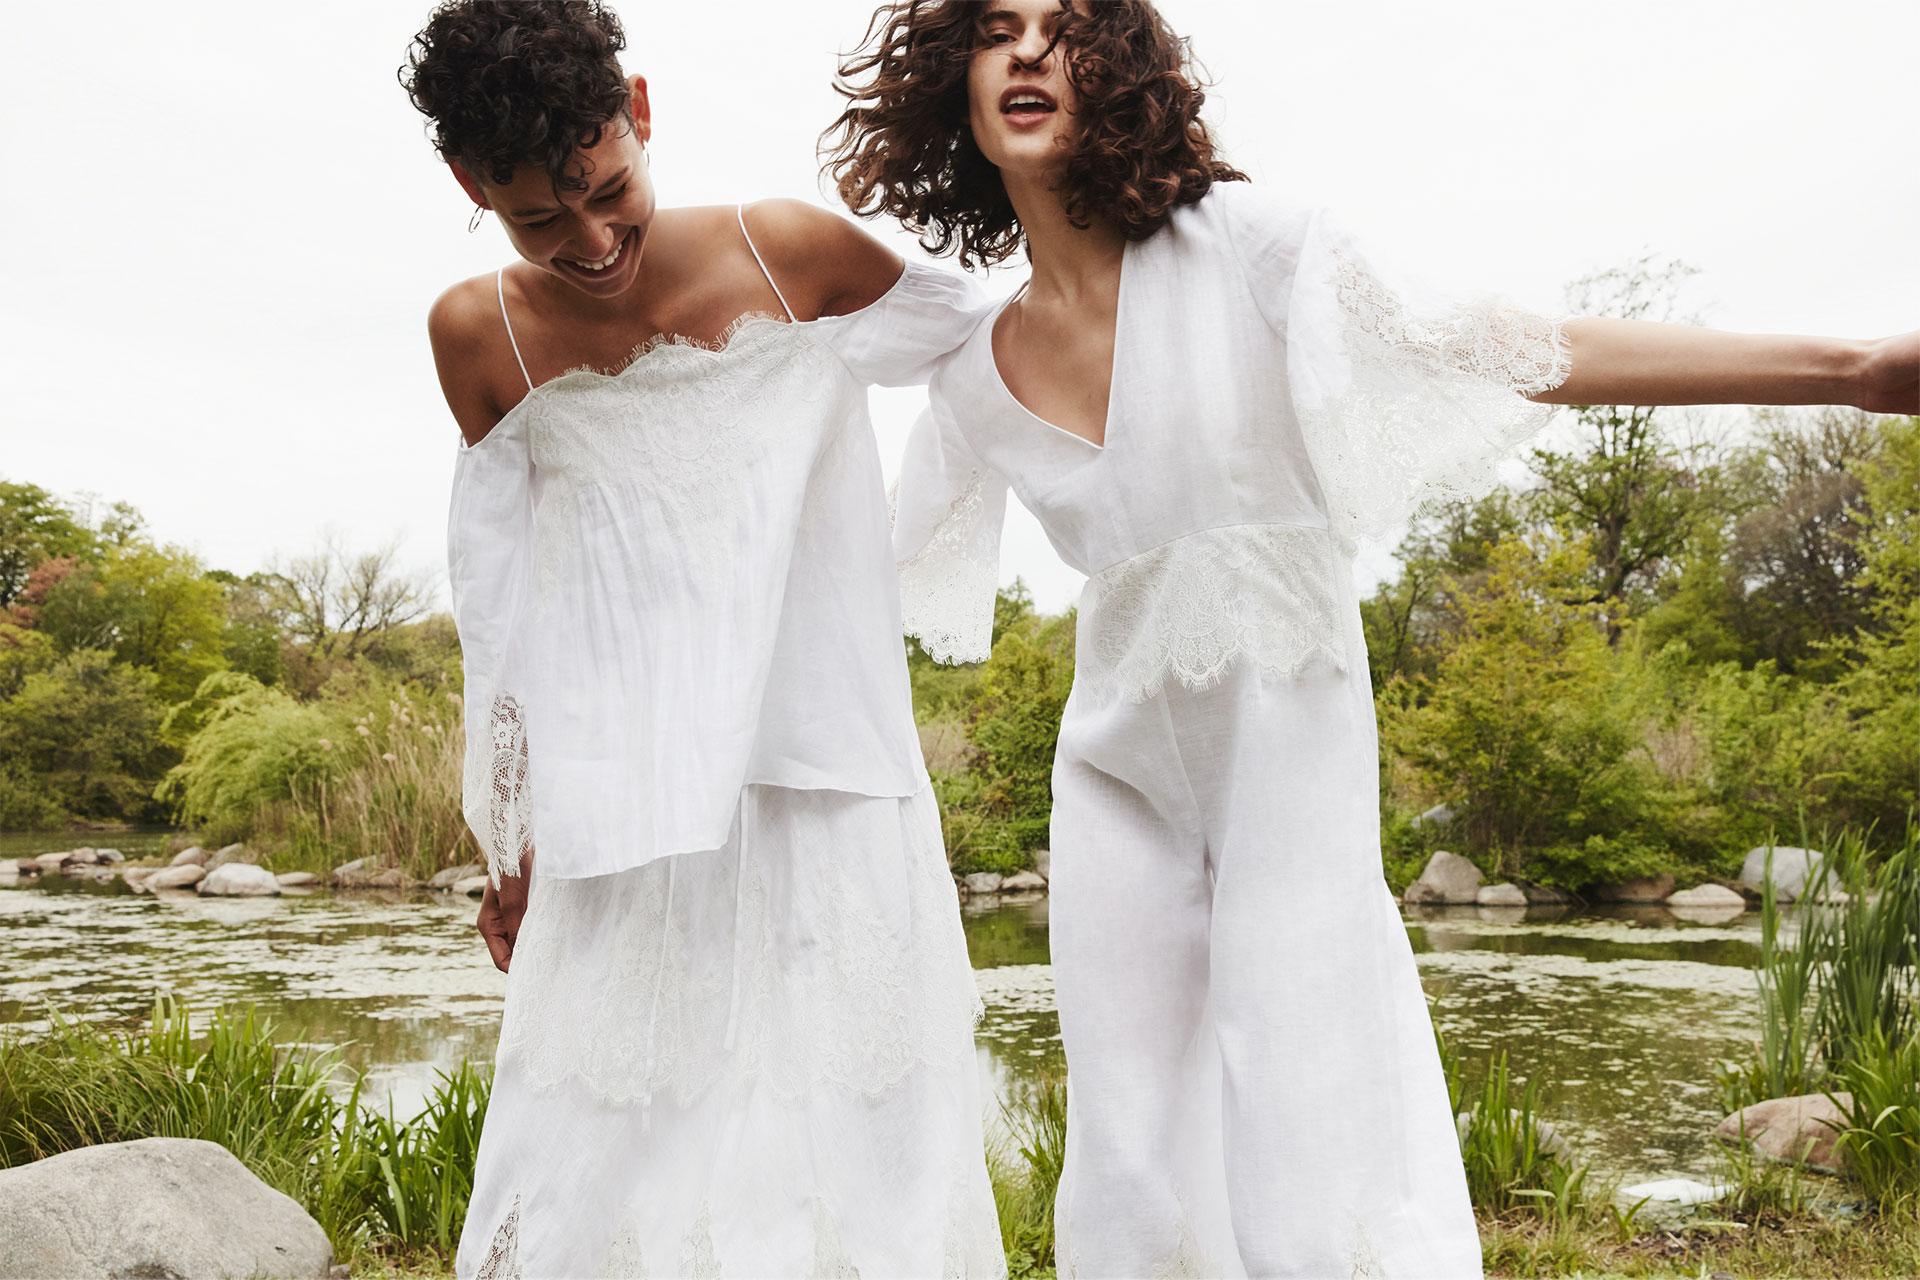 Zara, thương hiệu thời trang bình dân số 1 & 10 bí mật hay ho cần phải biết - Ảnh 3.